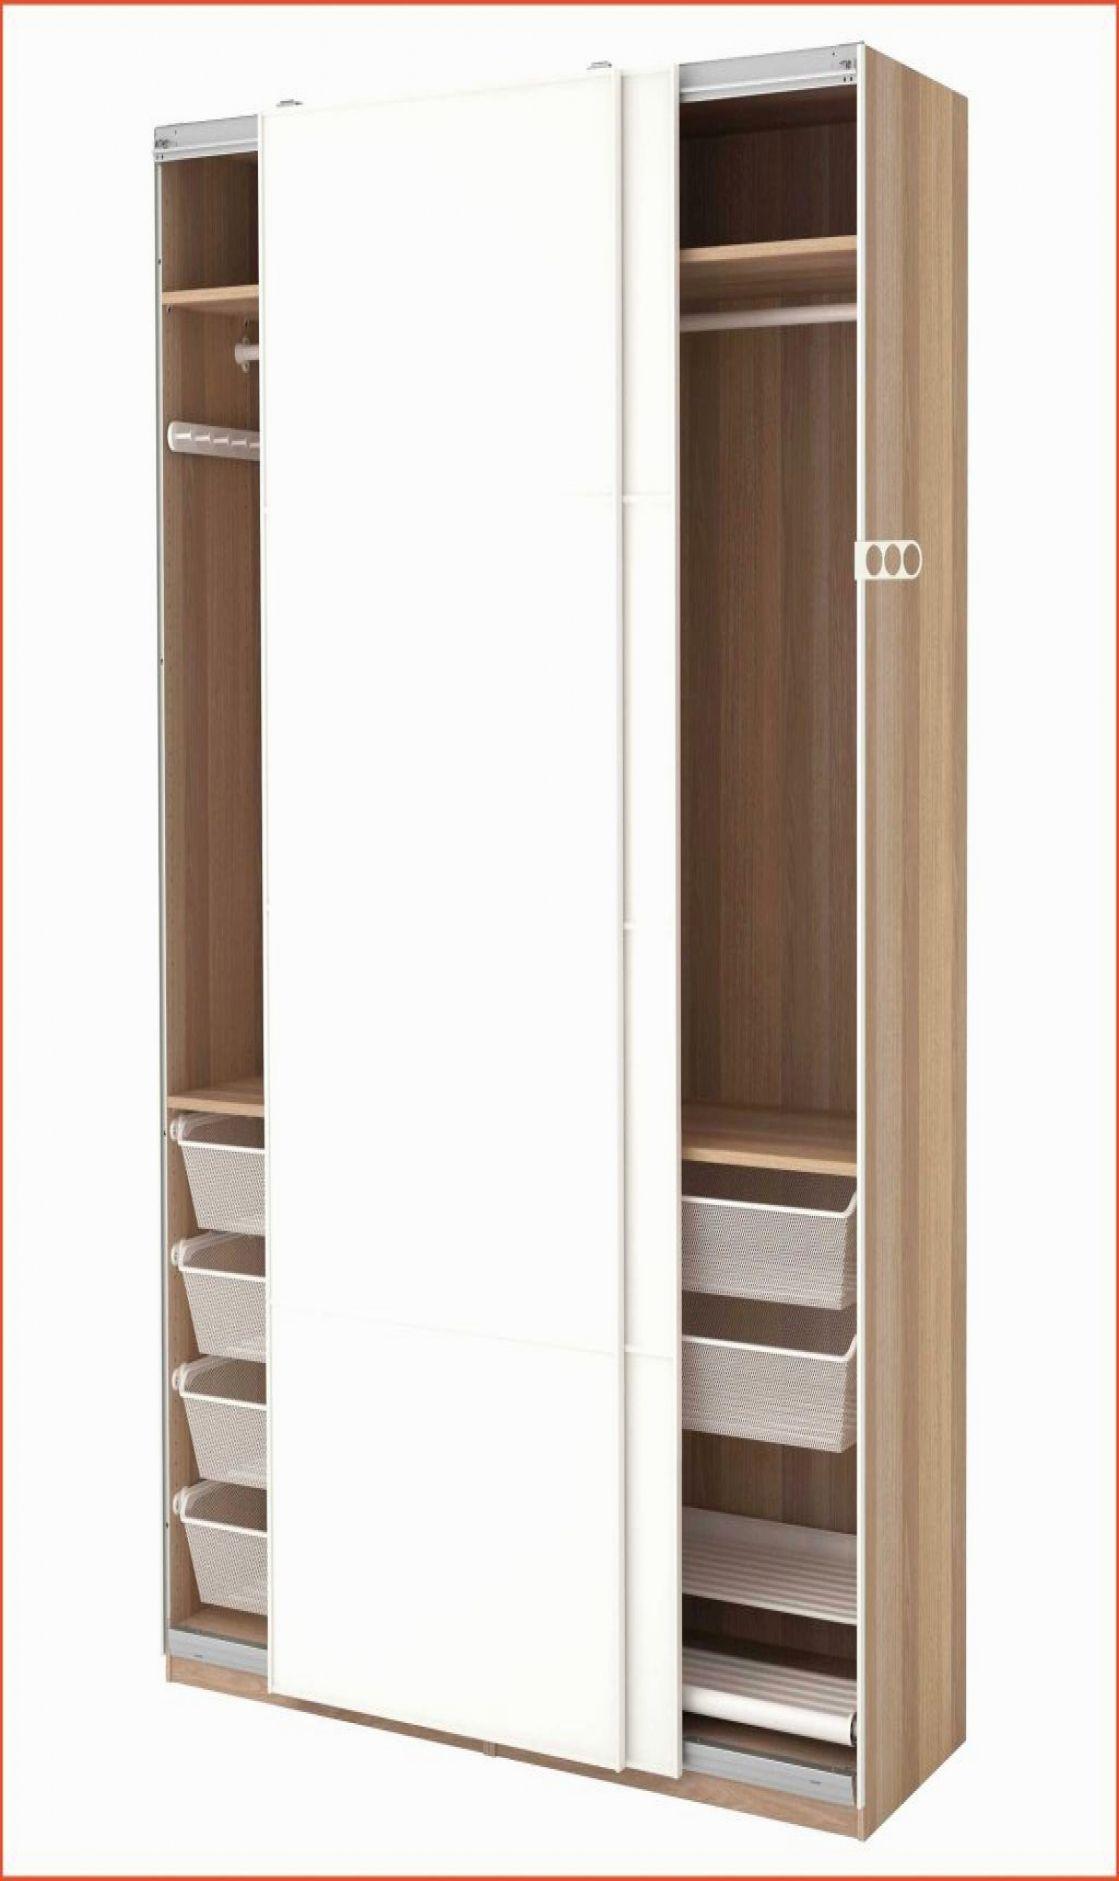 Pax Schrank Konfigurieren Malm Kleiderschrank Moderndaygilligan In 2020 Ikea Schrank Schrank Konfigurieren Schrank Design